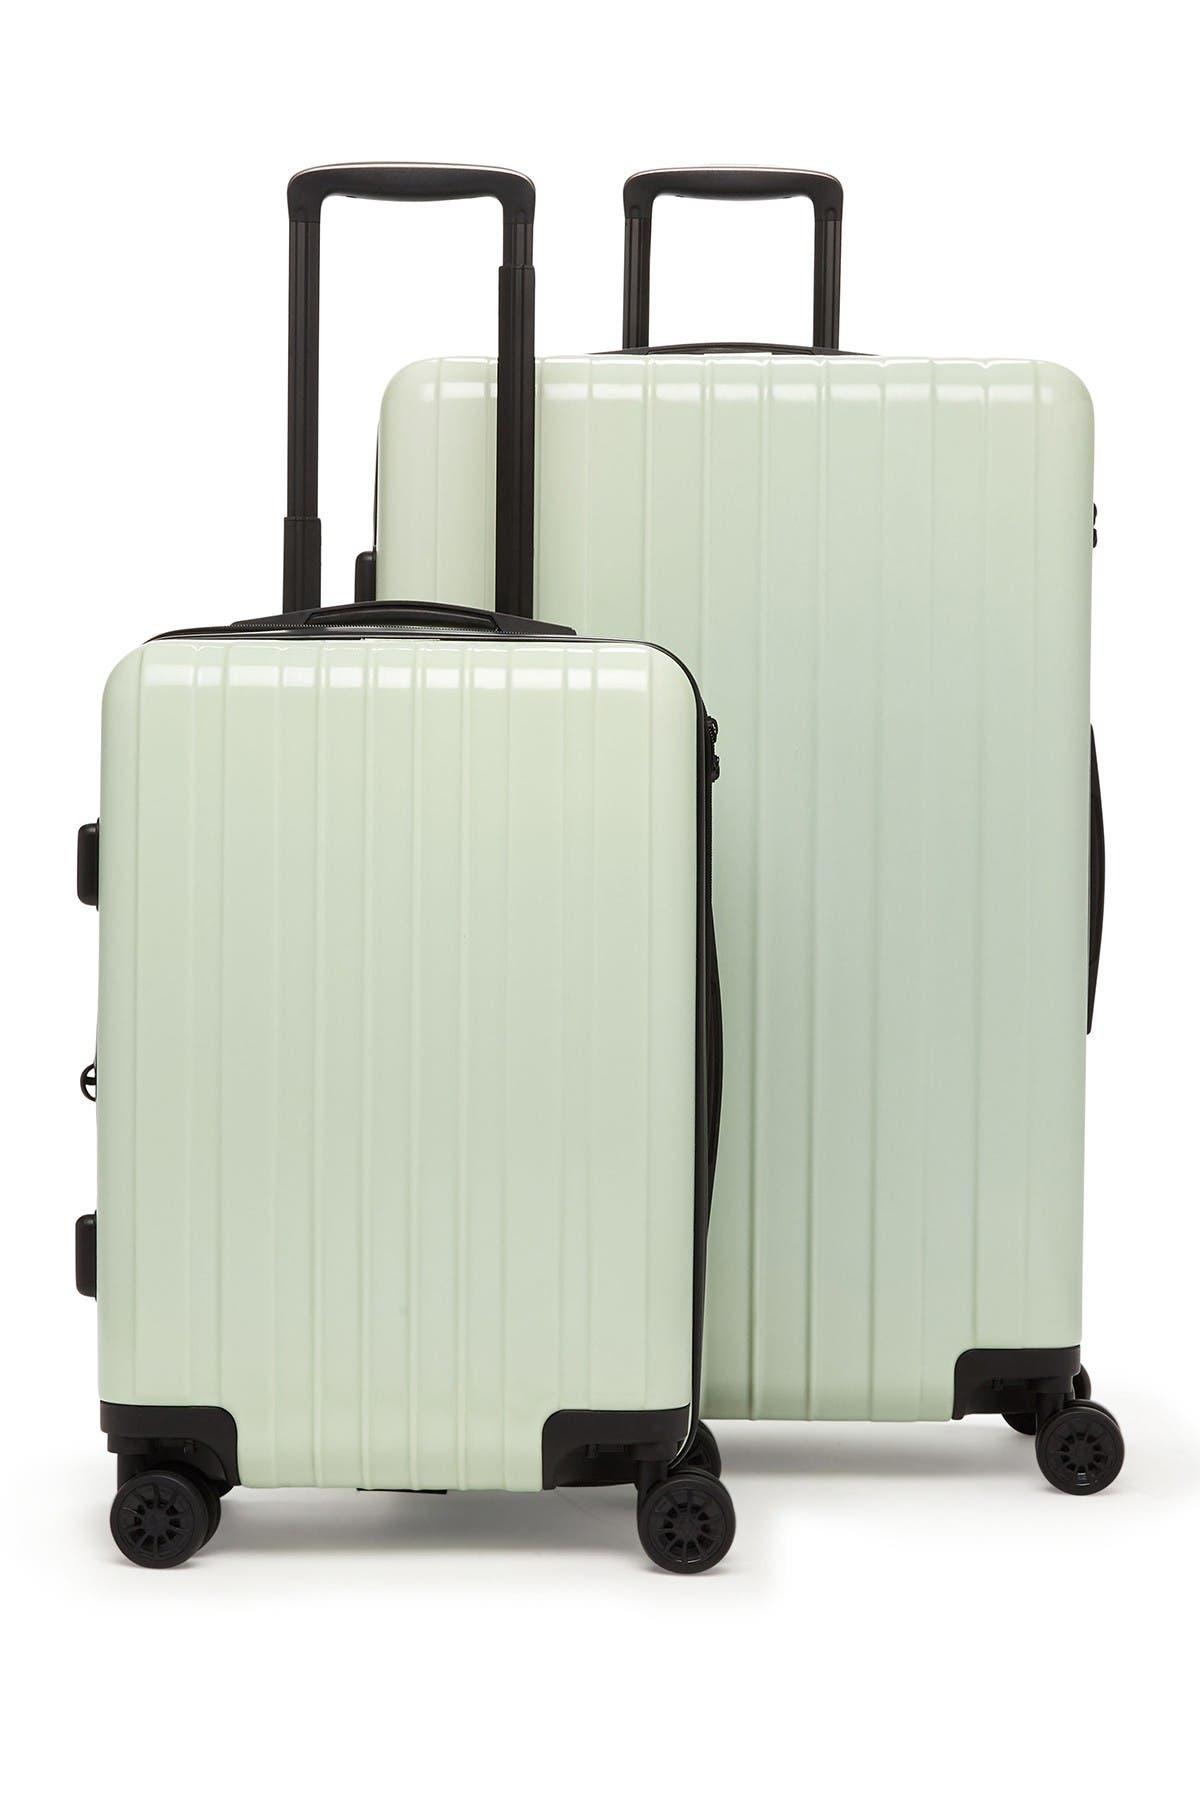 Image of CALPAK LUGGAGE Maie 2-Piece Hardside Luggage Set